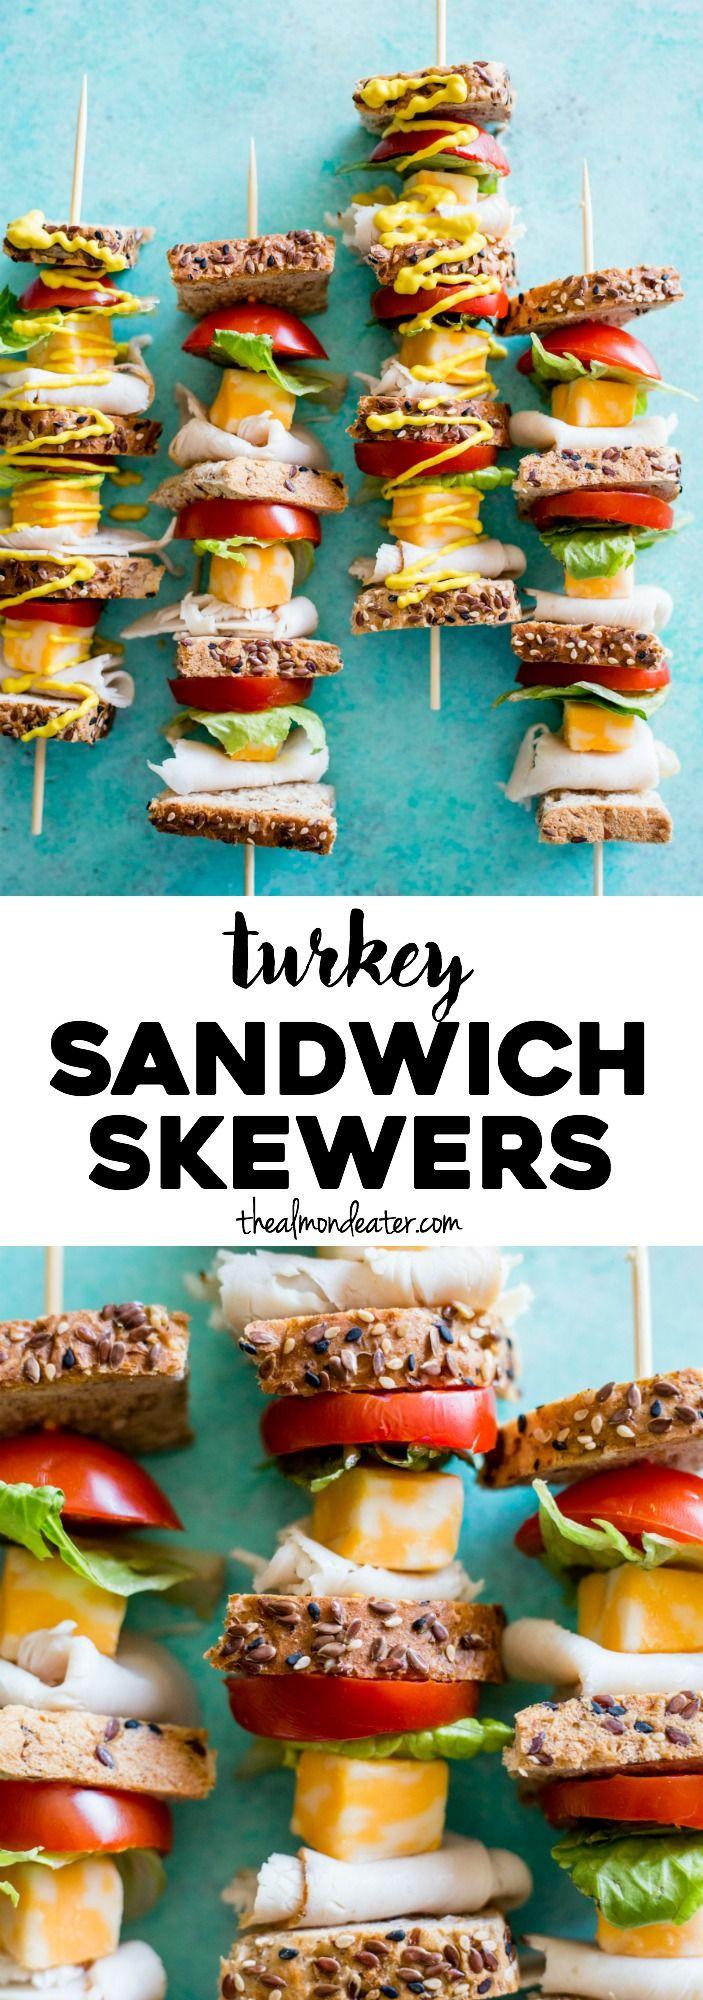 Kleine sandwich, goed voor een klein hapje op een evenement of om te proeven